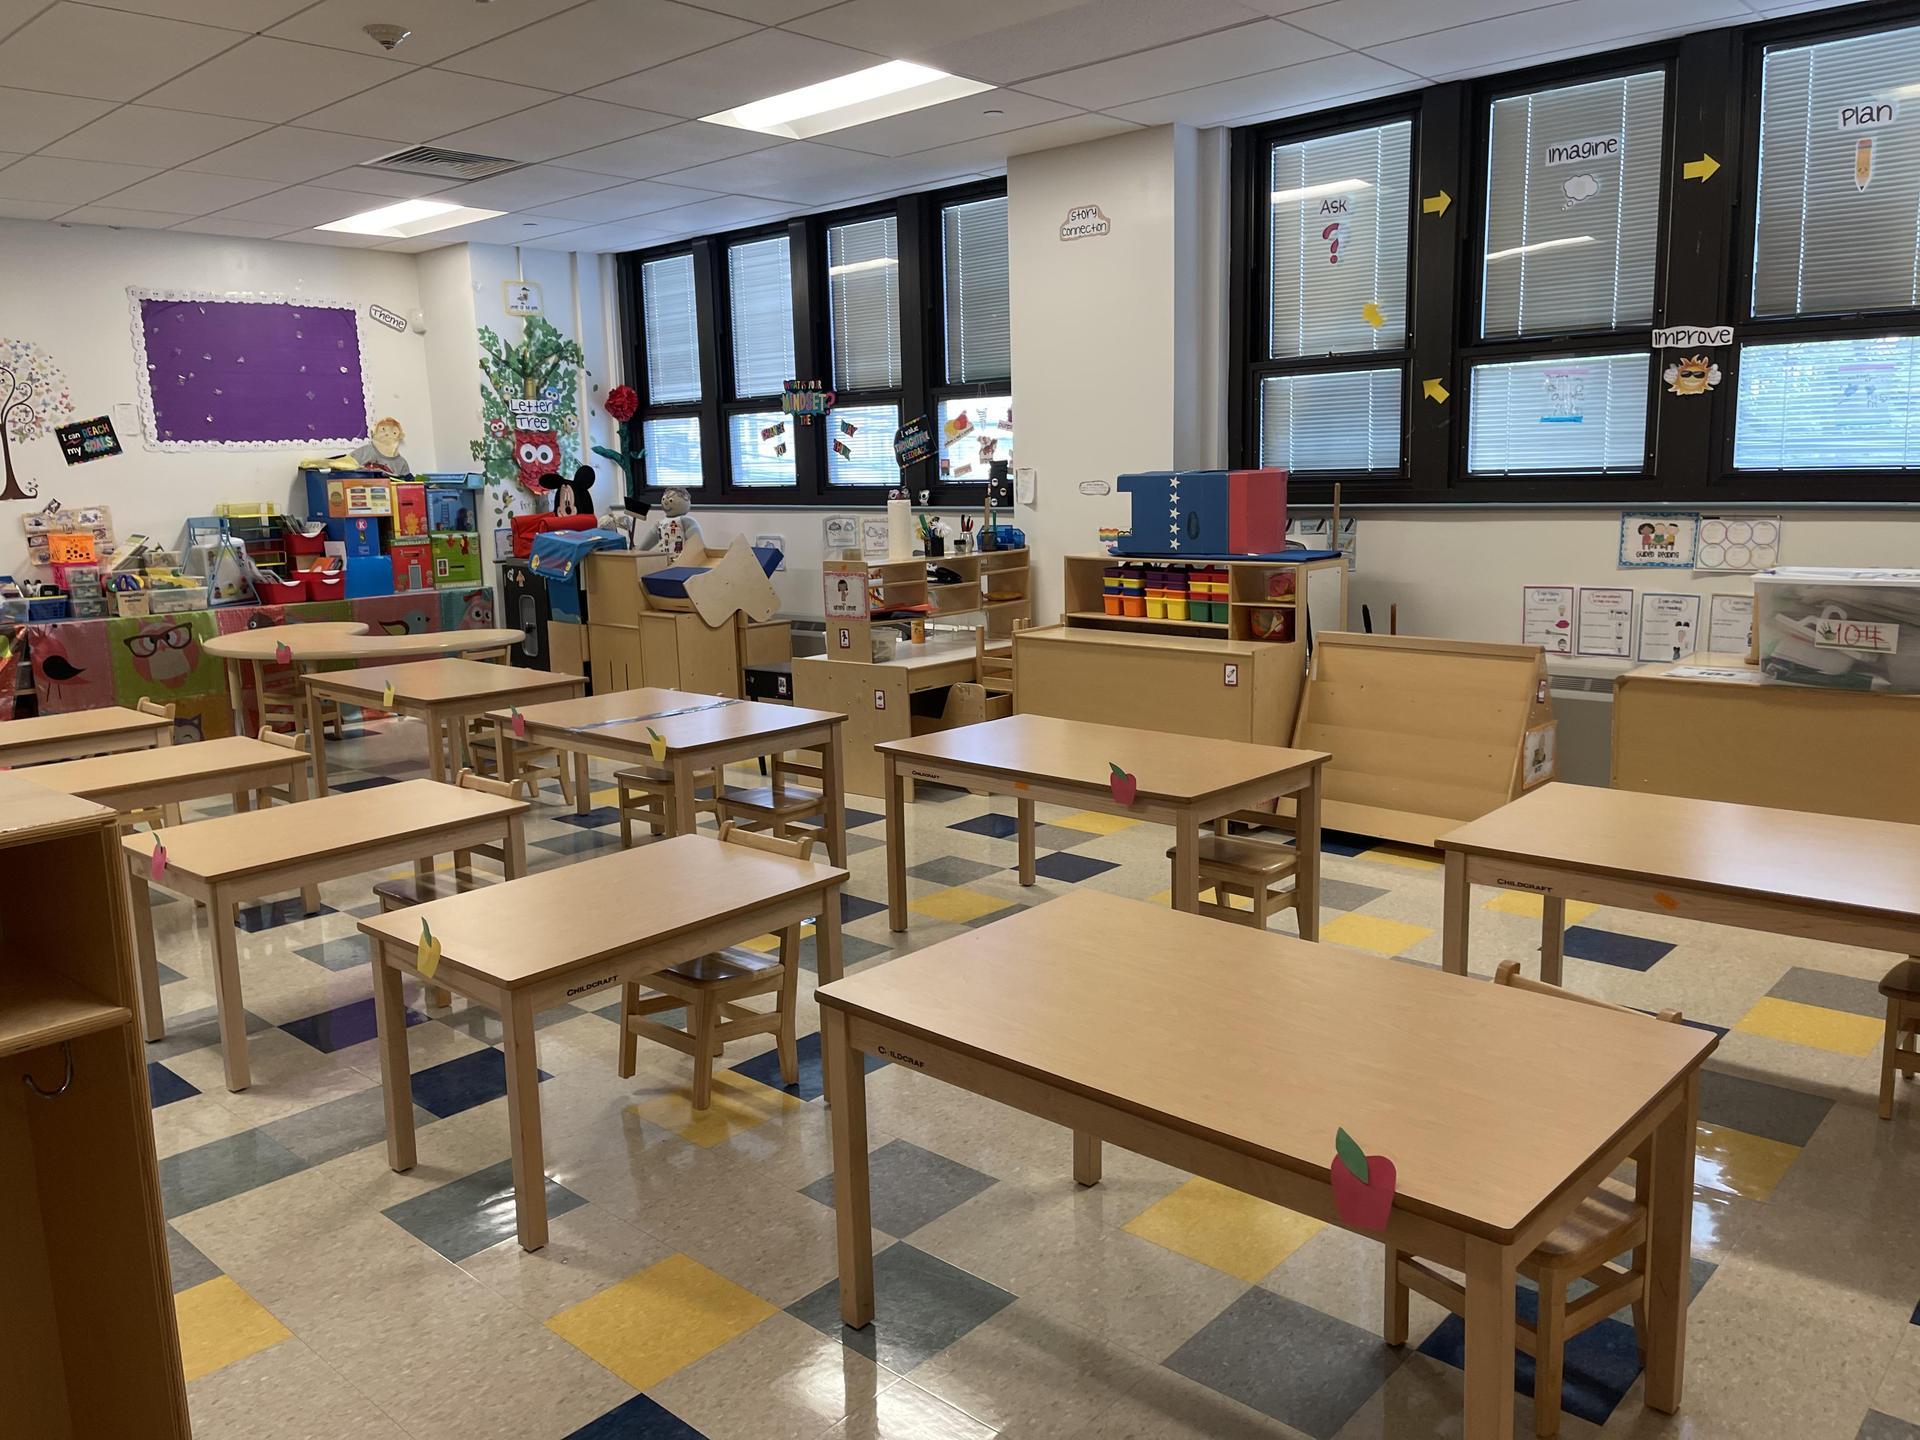 Distanced desks in classroom